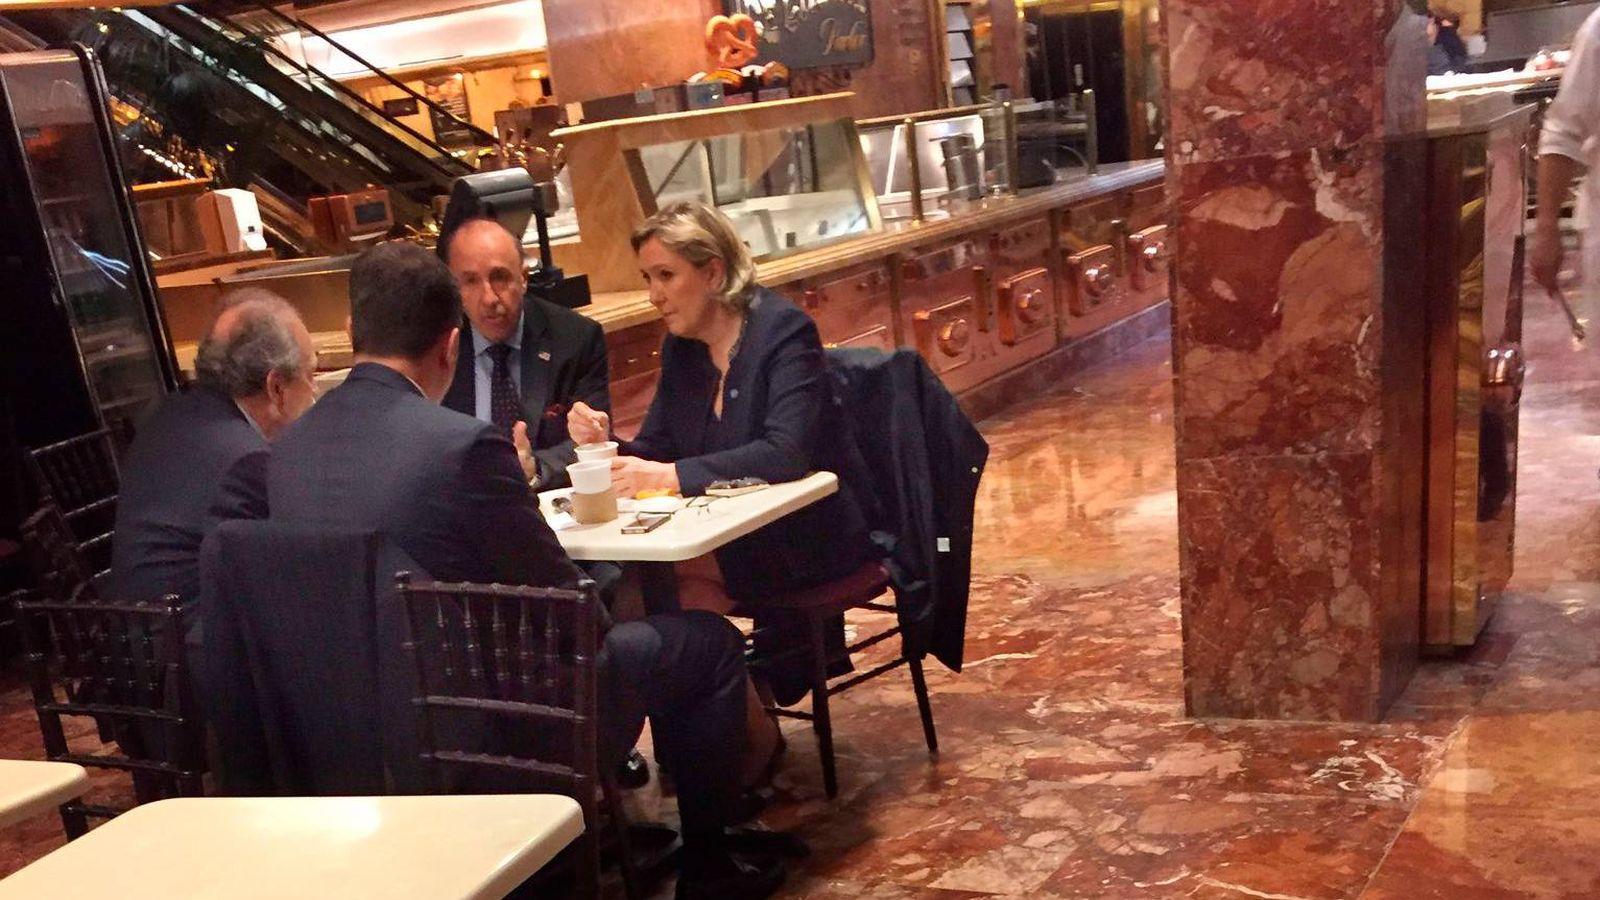 Foto: Marine Le Pen, líder del Frente Nacional, fotografiada en la Torre Trump. (Twitter: @GideonResnick)